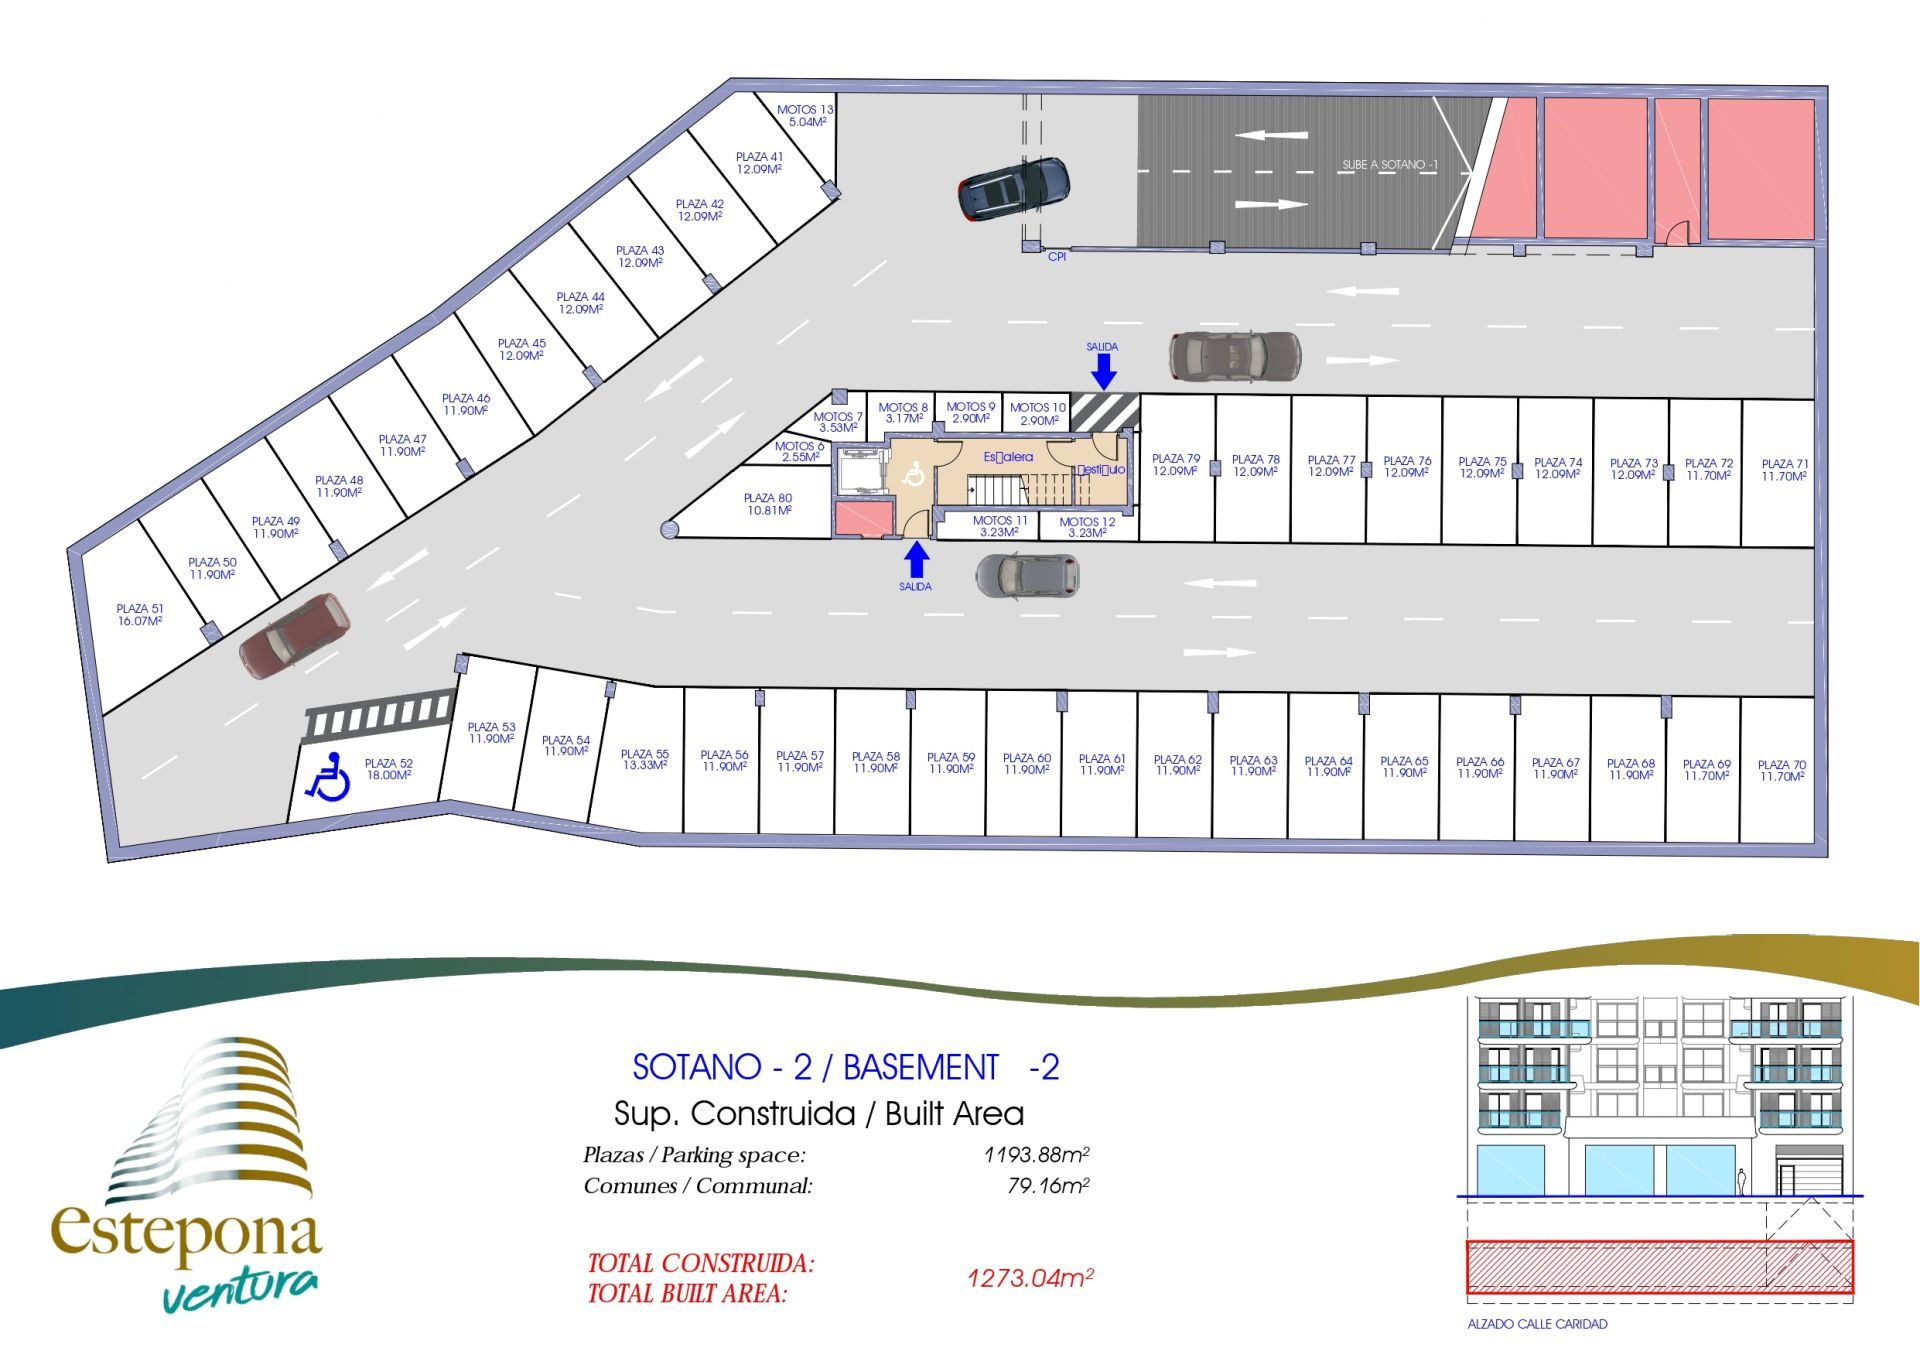 20200527 PLANOS DE VENTAS pages to jpg 0042 - Ventura Estepona | Compra de casa en Estepona